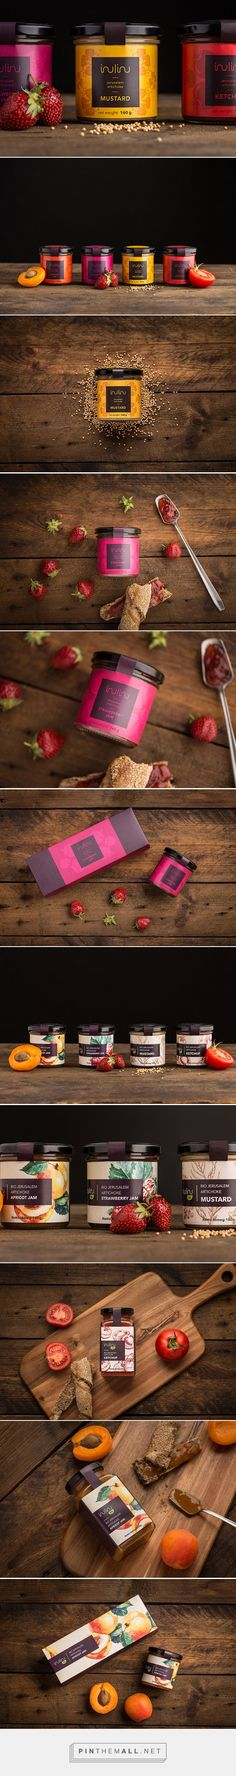 INULINU - mustards, ketchups and jams / design by DekoRatio Branding & Design Studio, Flora Seres, Ágnes Beke Más